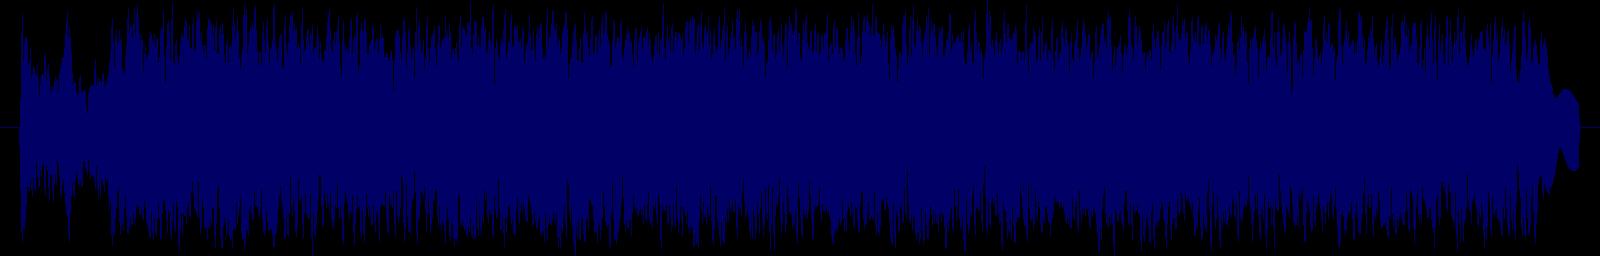 waveform of track #108216